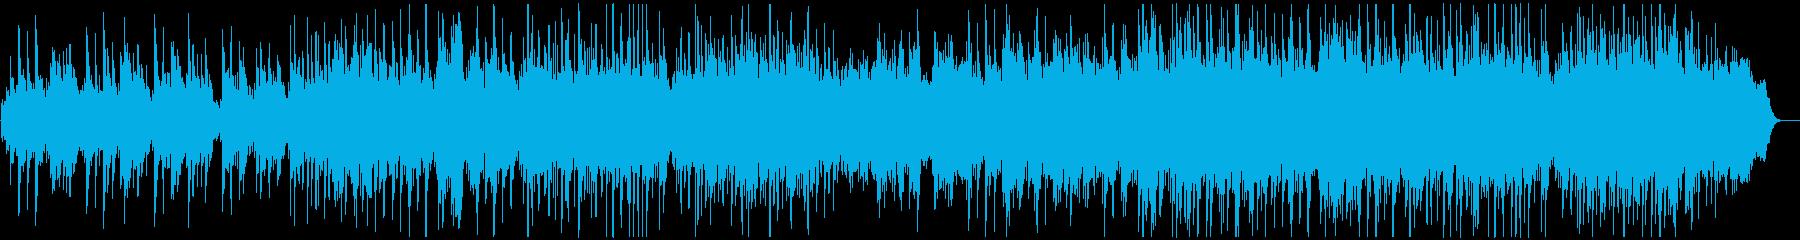 ★★邦画のエンドロールに最適な★ピアノ曲の再生済みの波形